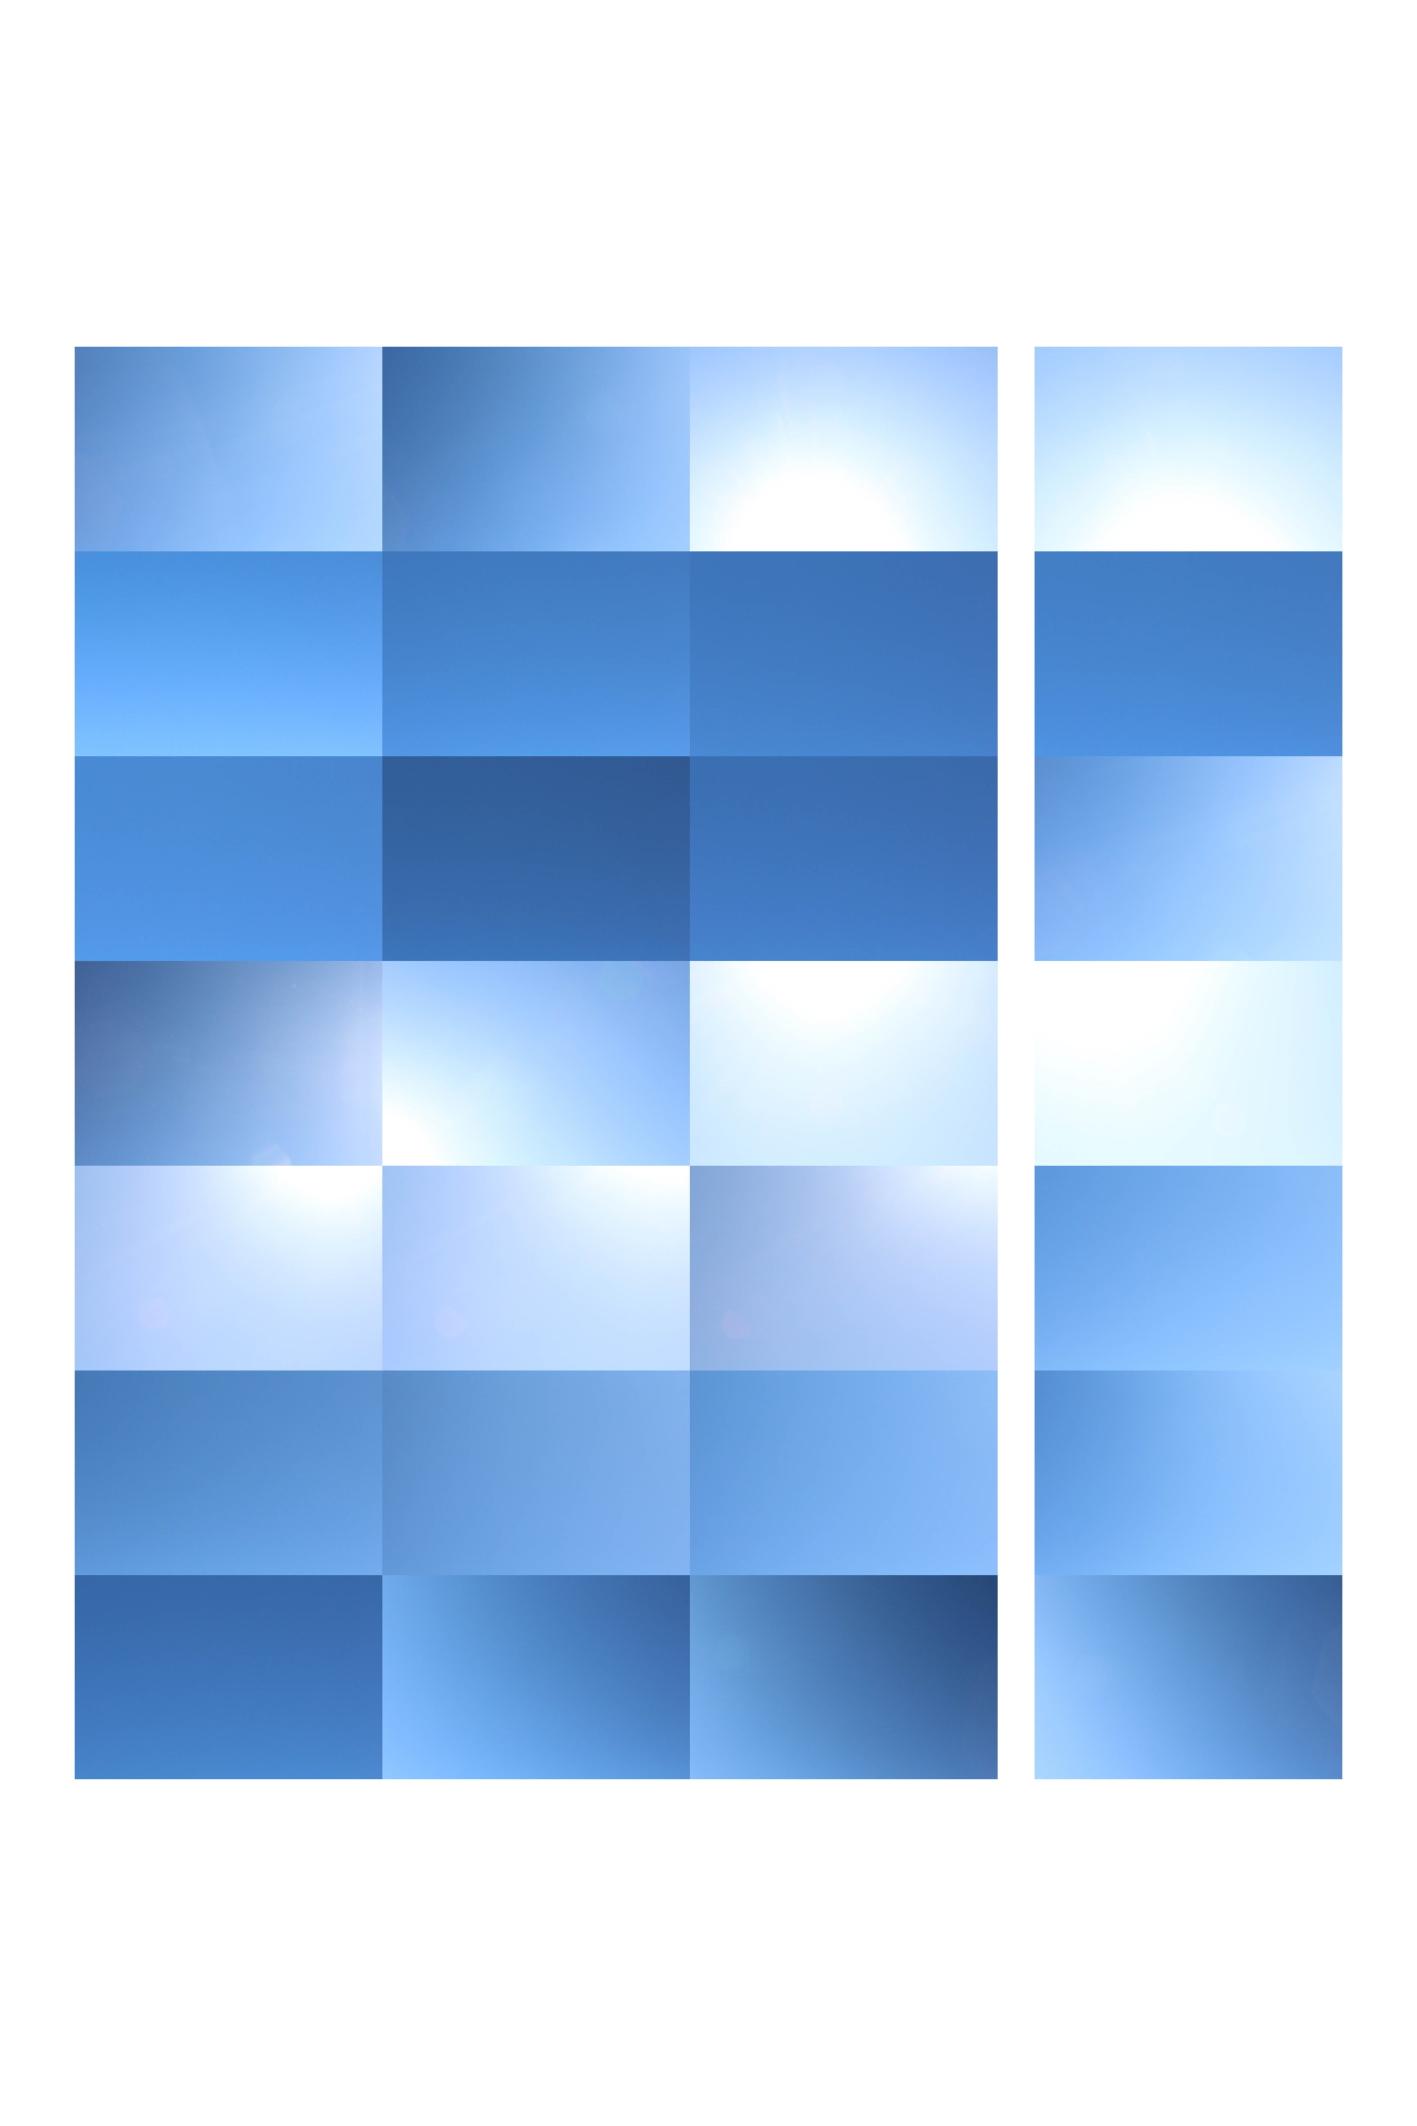 Markus Feiler - SKY BLUE 13_Künstler_artist_Kunst_art